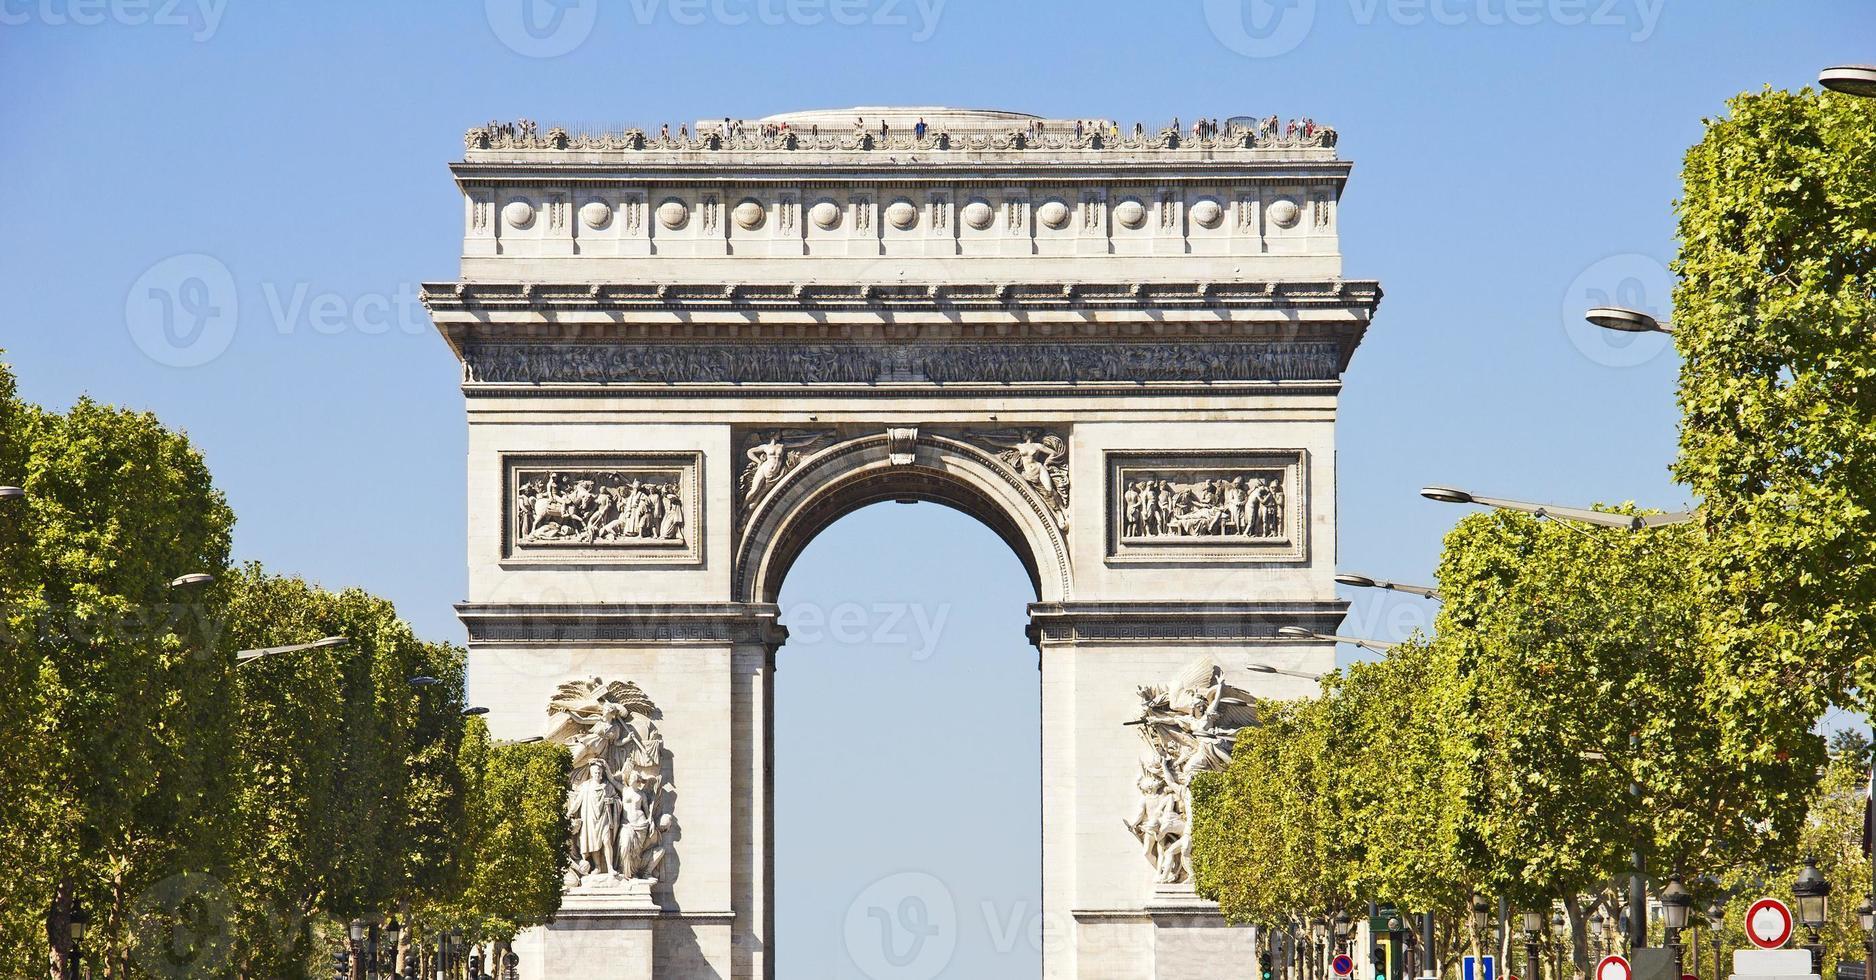 champs-elysees en de arc du triomphe, parijs foto